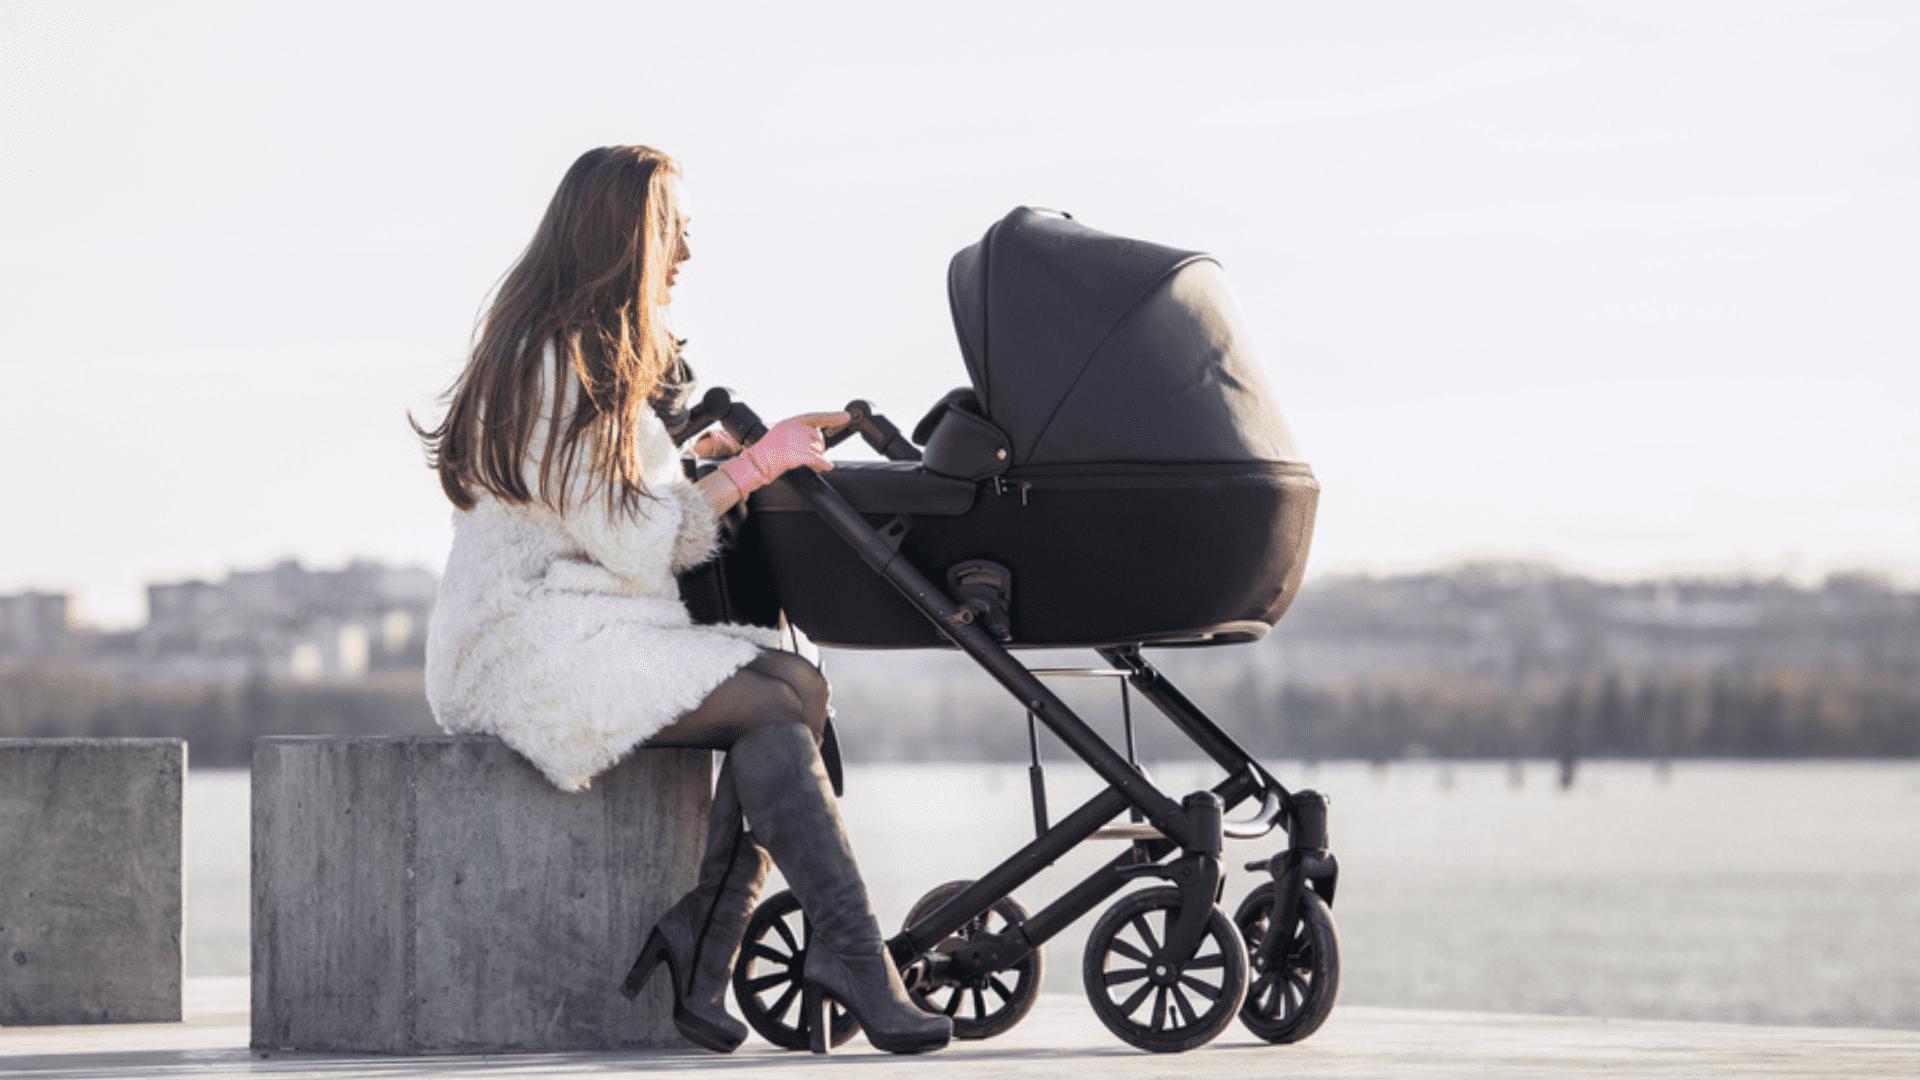 Entenda o que é o Moisés no carrinho de bebê! (Imagem: Reprodução/Shutterstock)